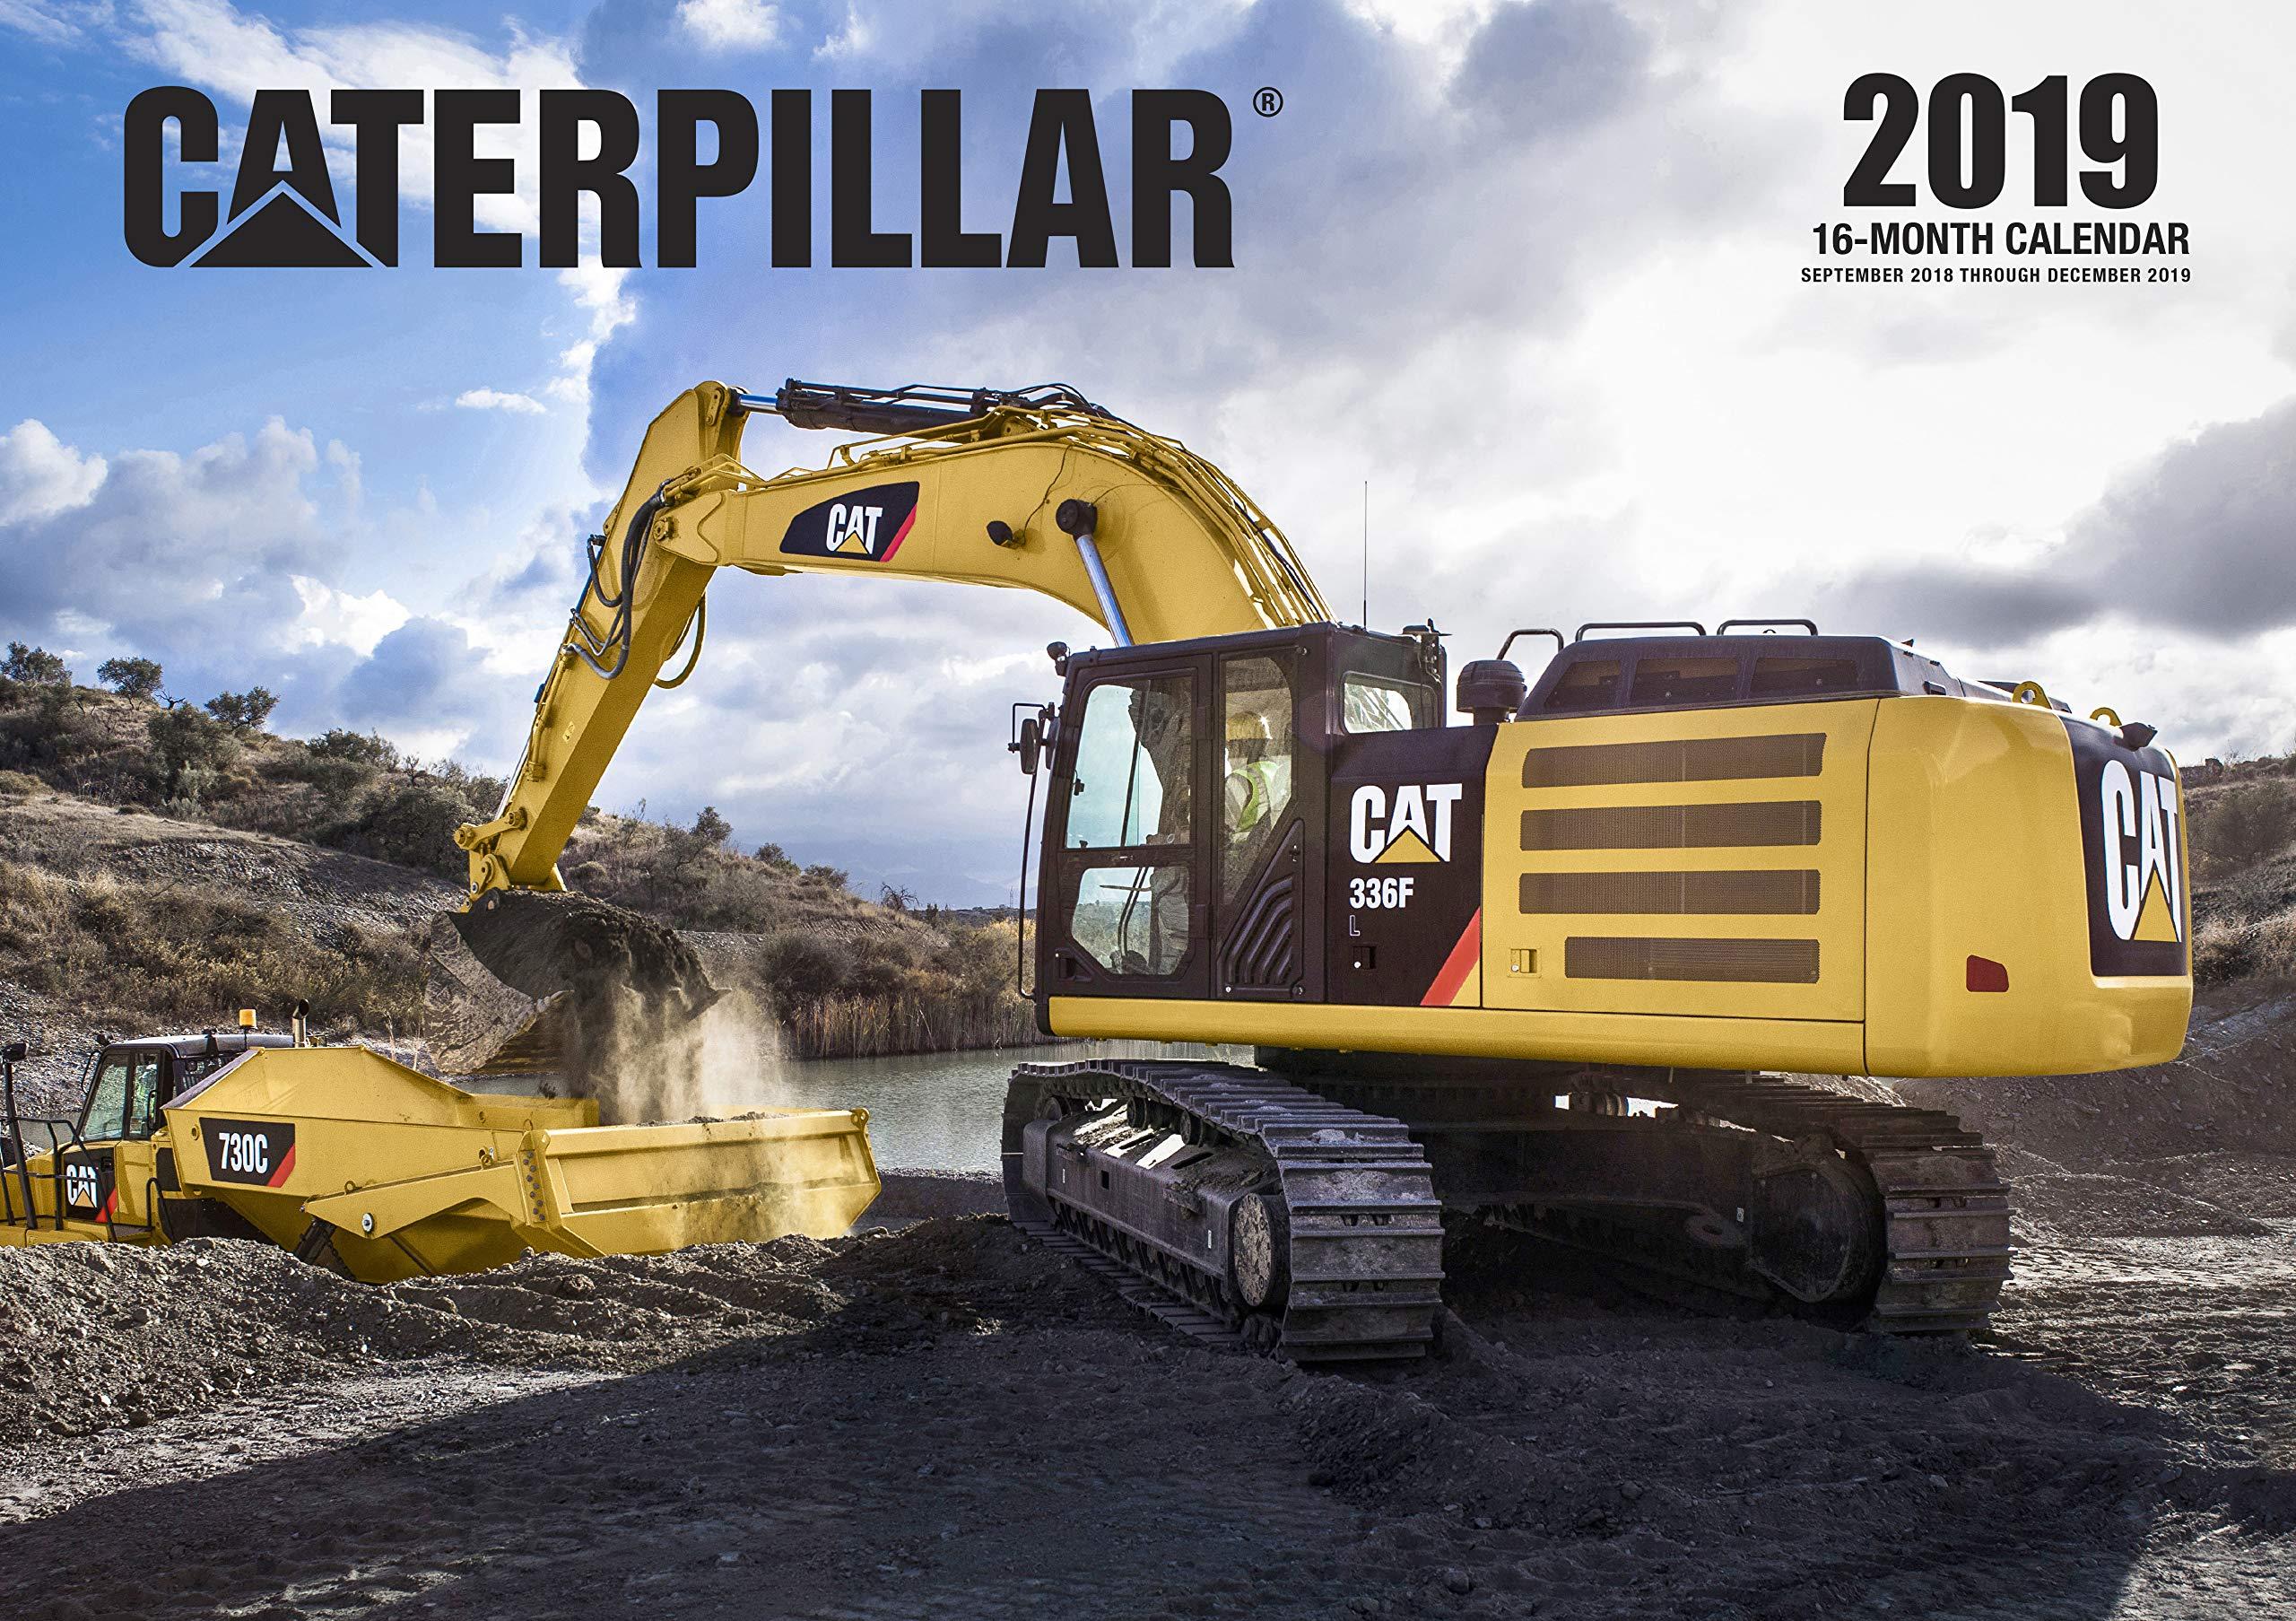 Caterpillar 2019: 16 Month Calendar September 2018 Through December